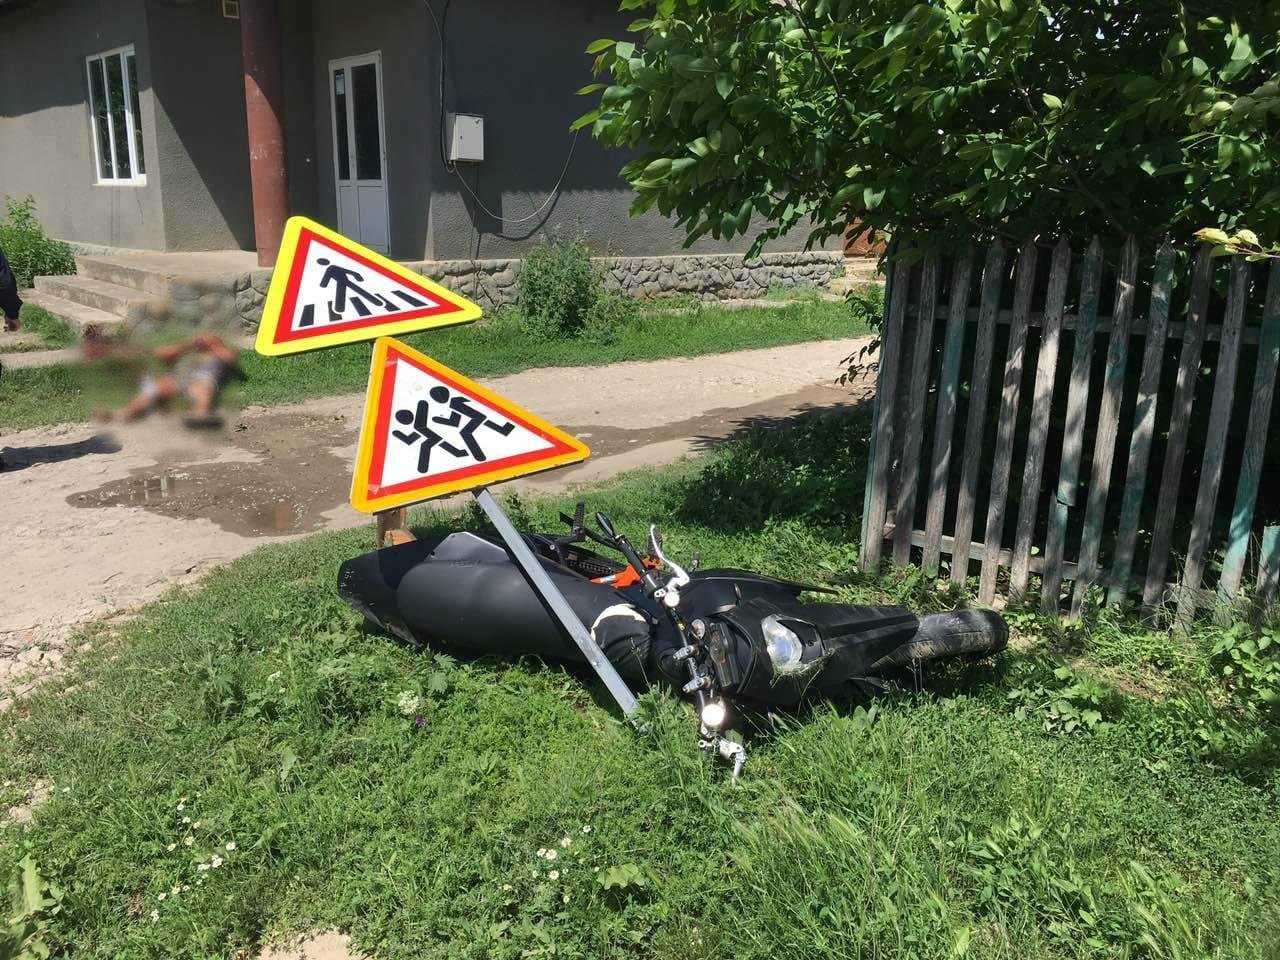 FOTO | Un tânăr de 19 ani din Copăceni, Sângerei a suferit un grav accident de motocicletă